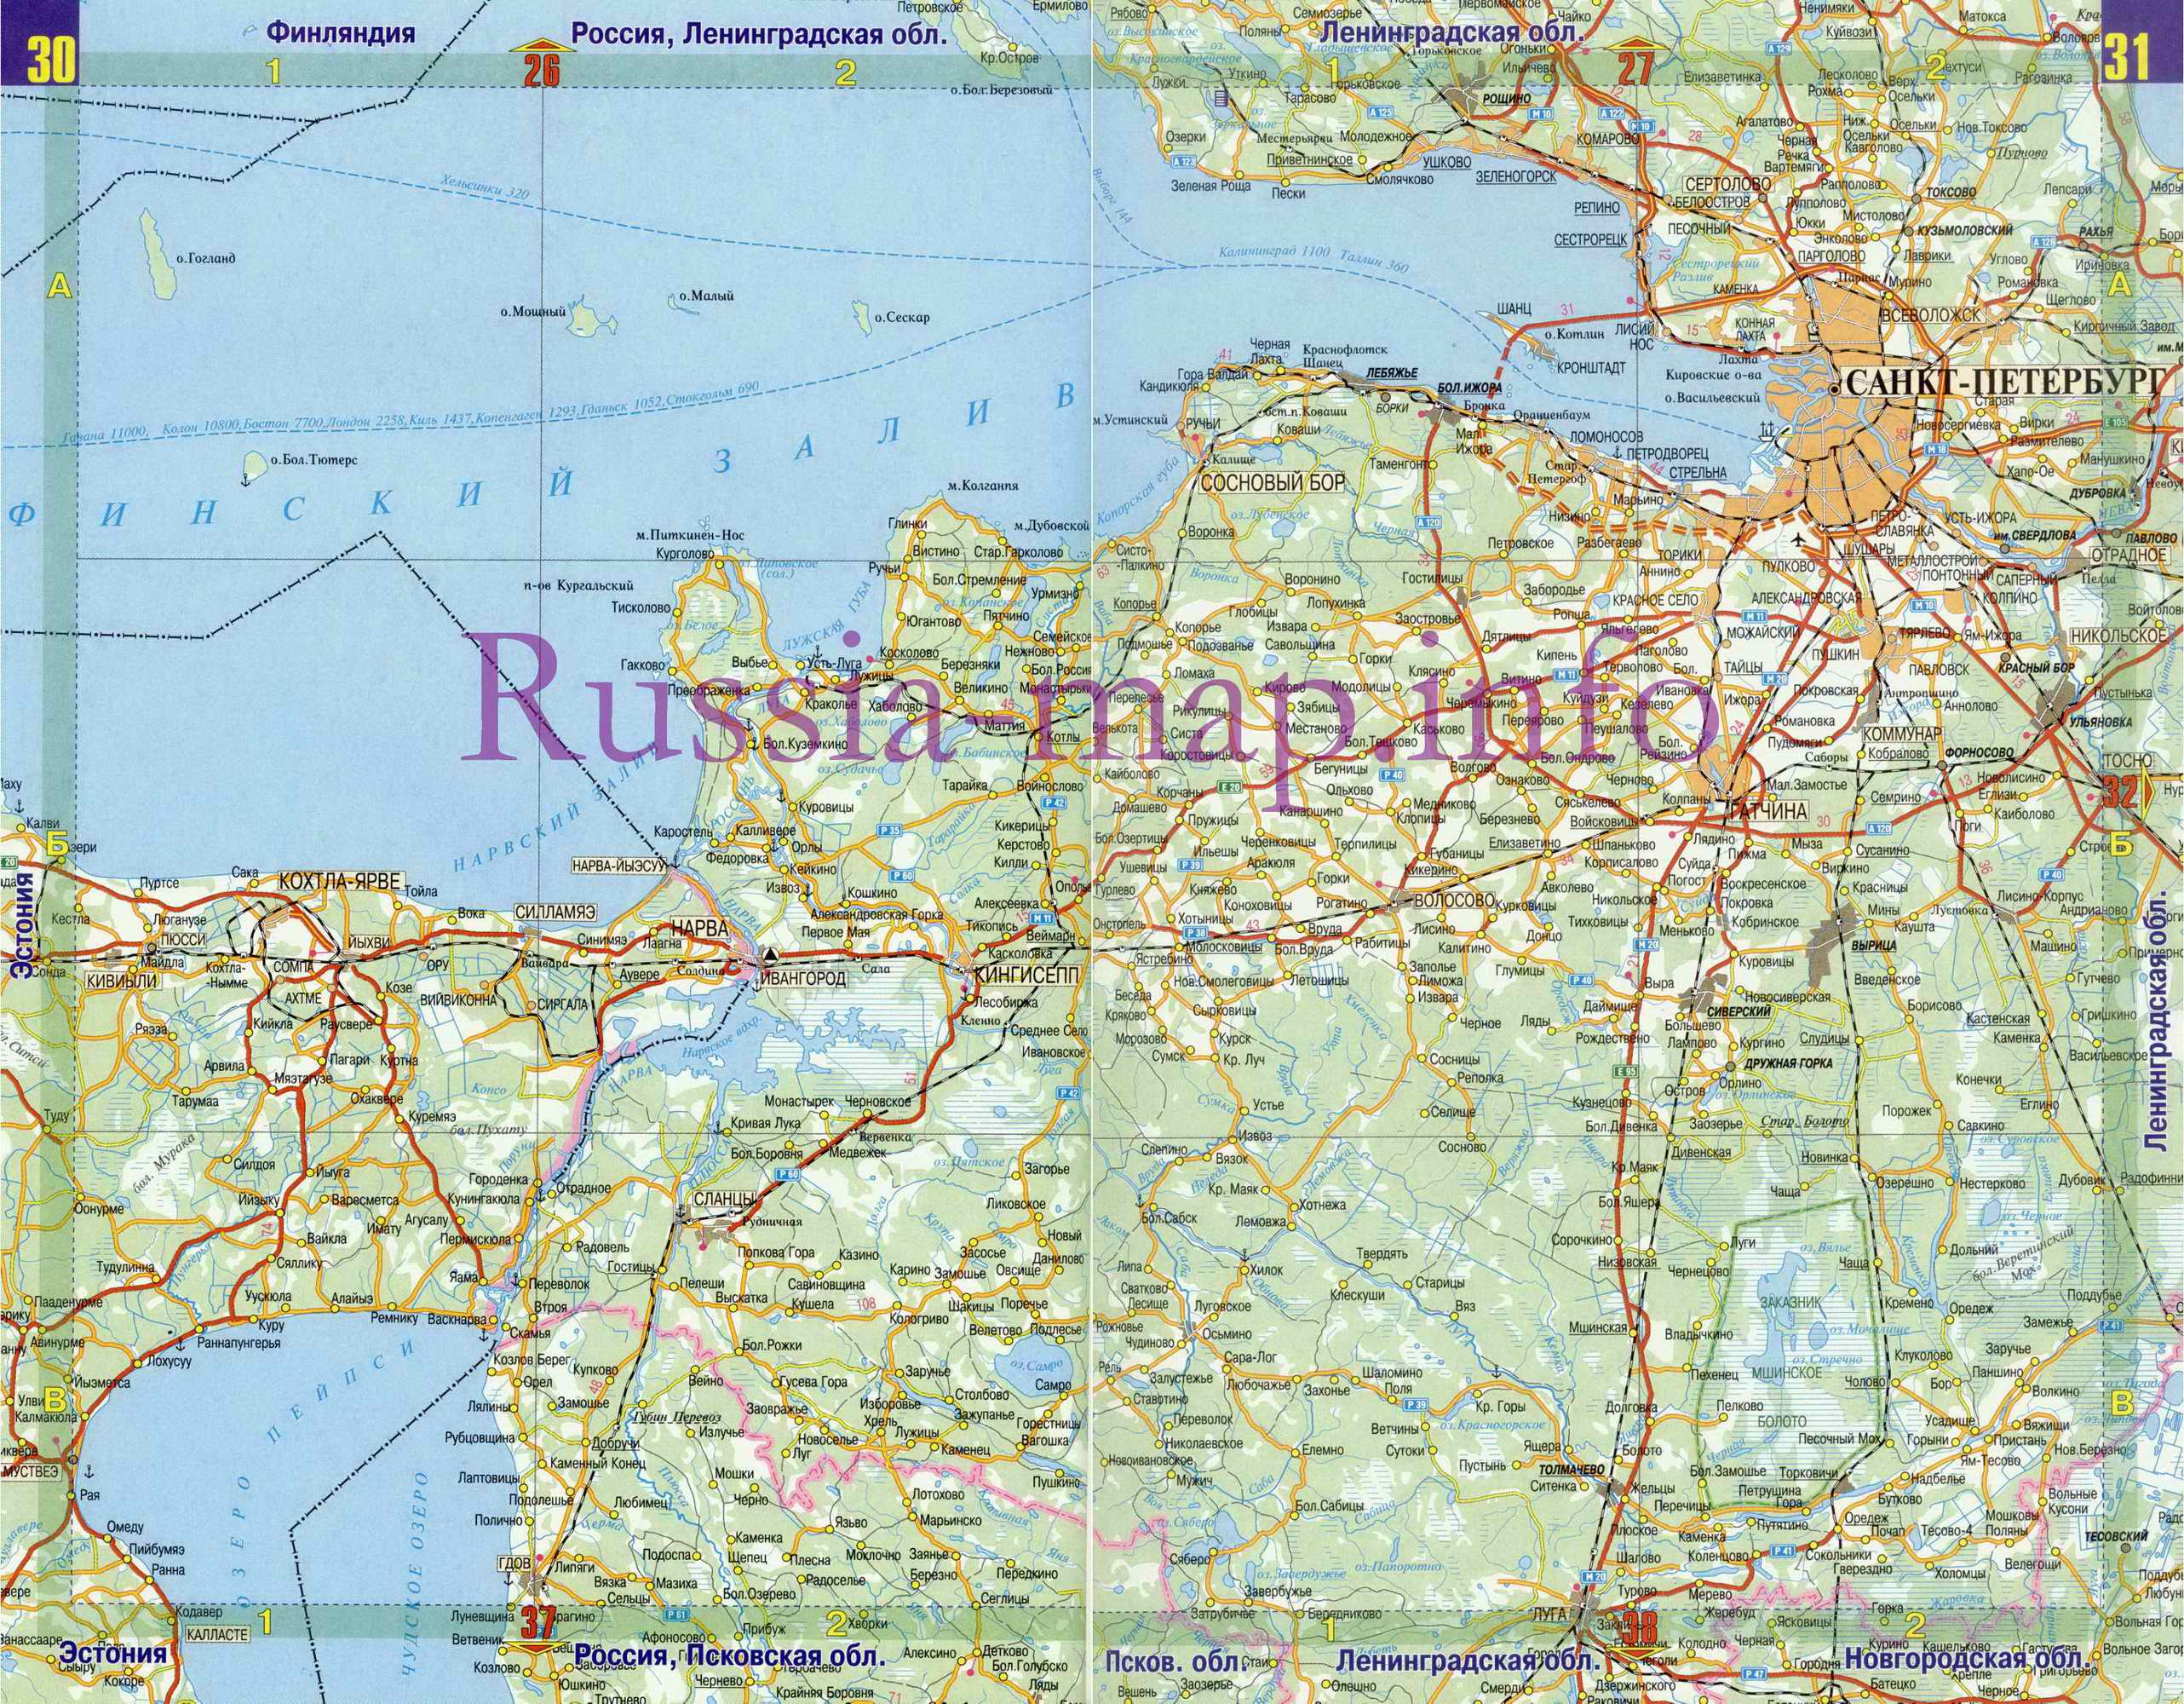 Скачать программы для диагностики автомобилей скачать бесплатно на русском